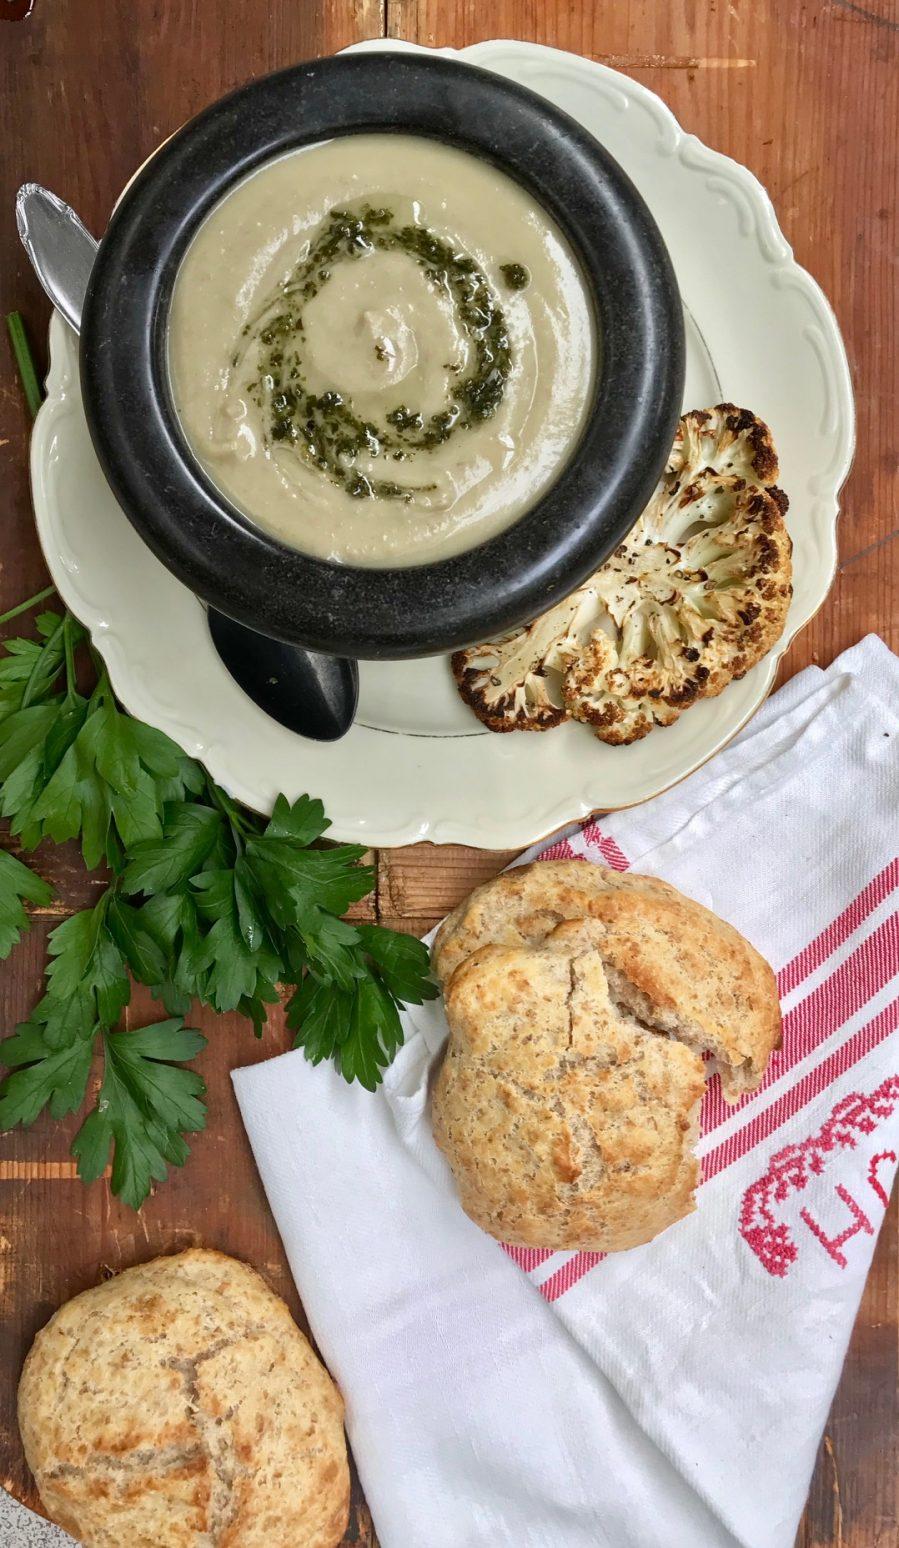 blomkål potatis soppa